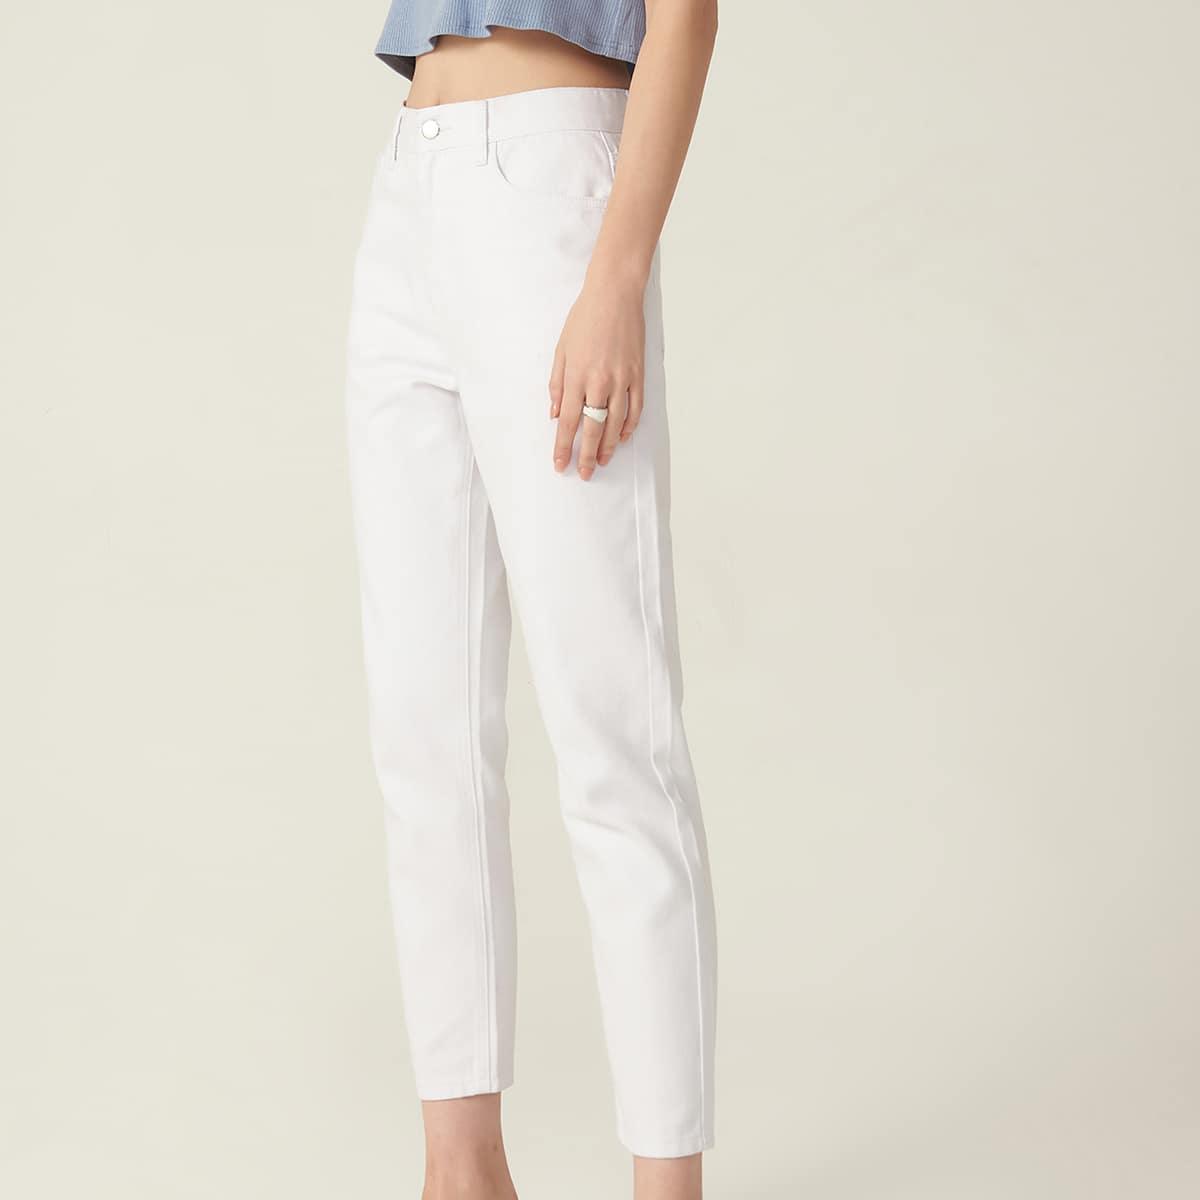 Короткие джинсы из хлопка с высокой талией